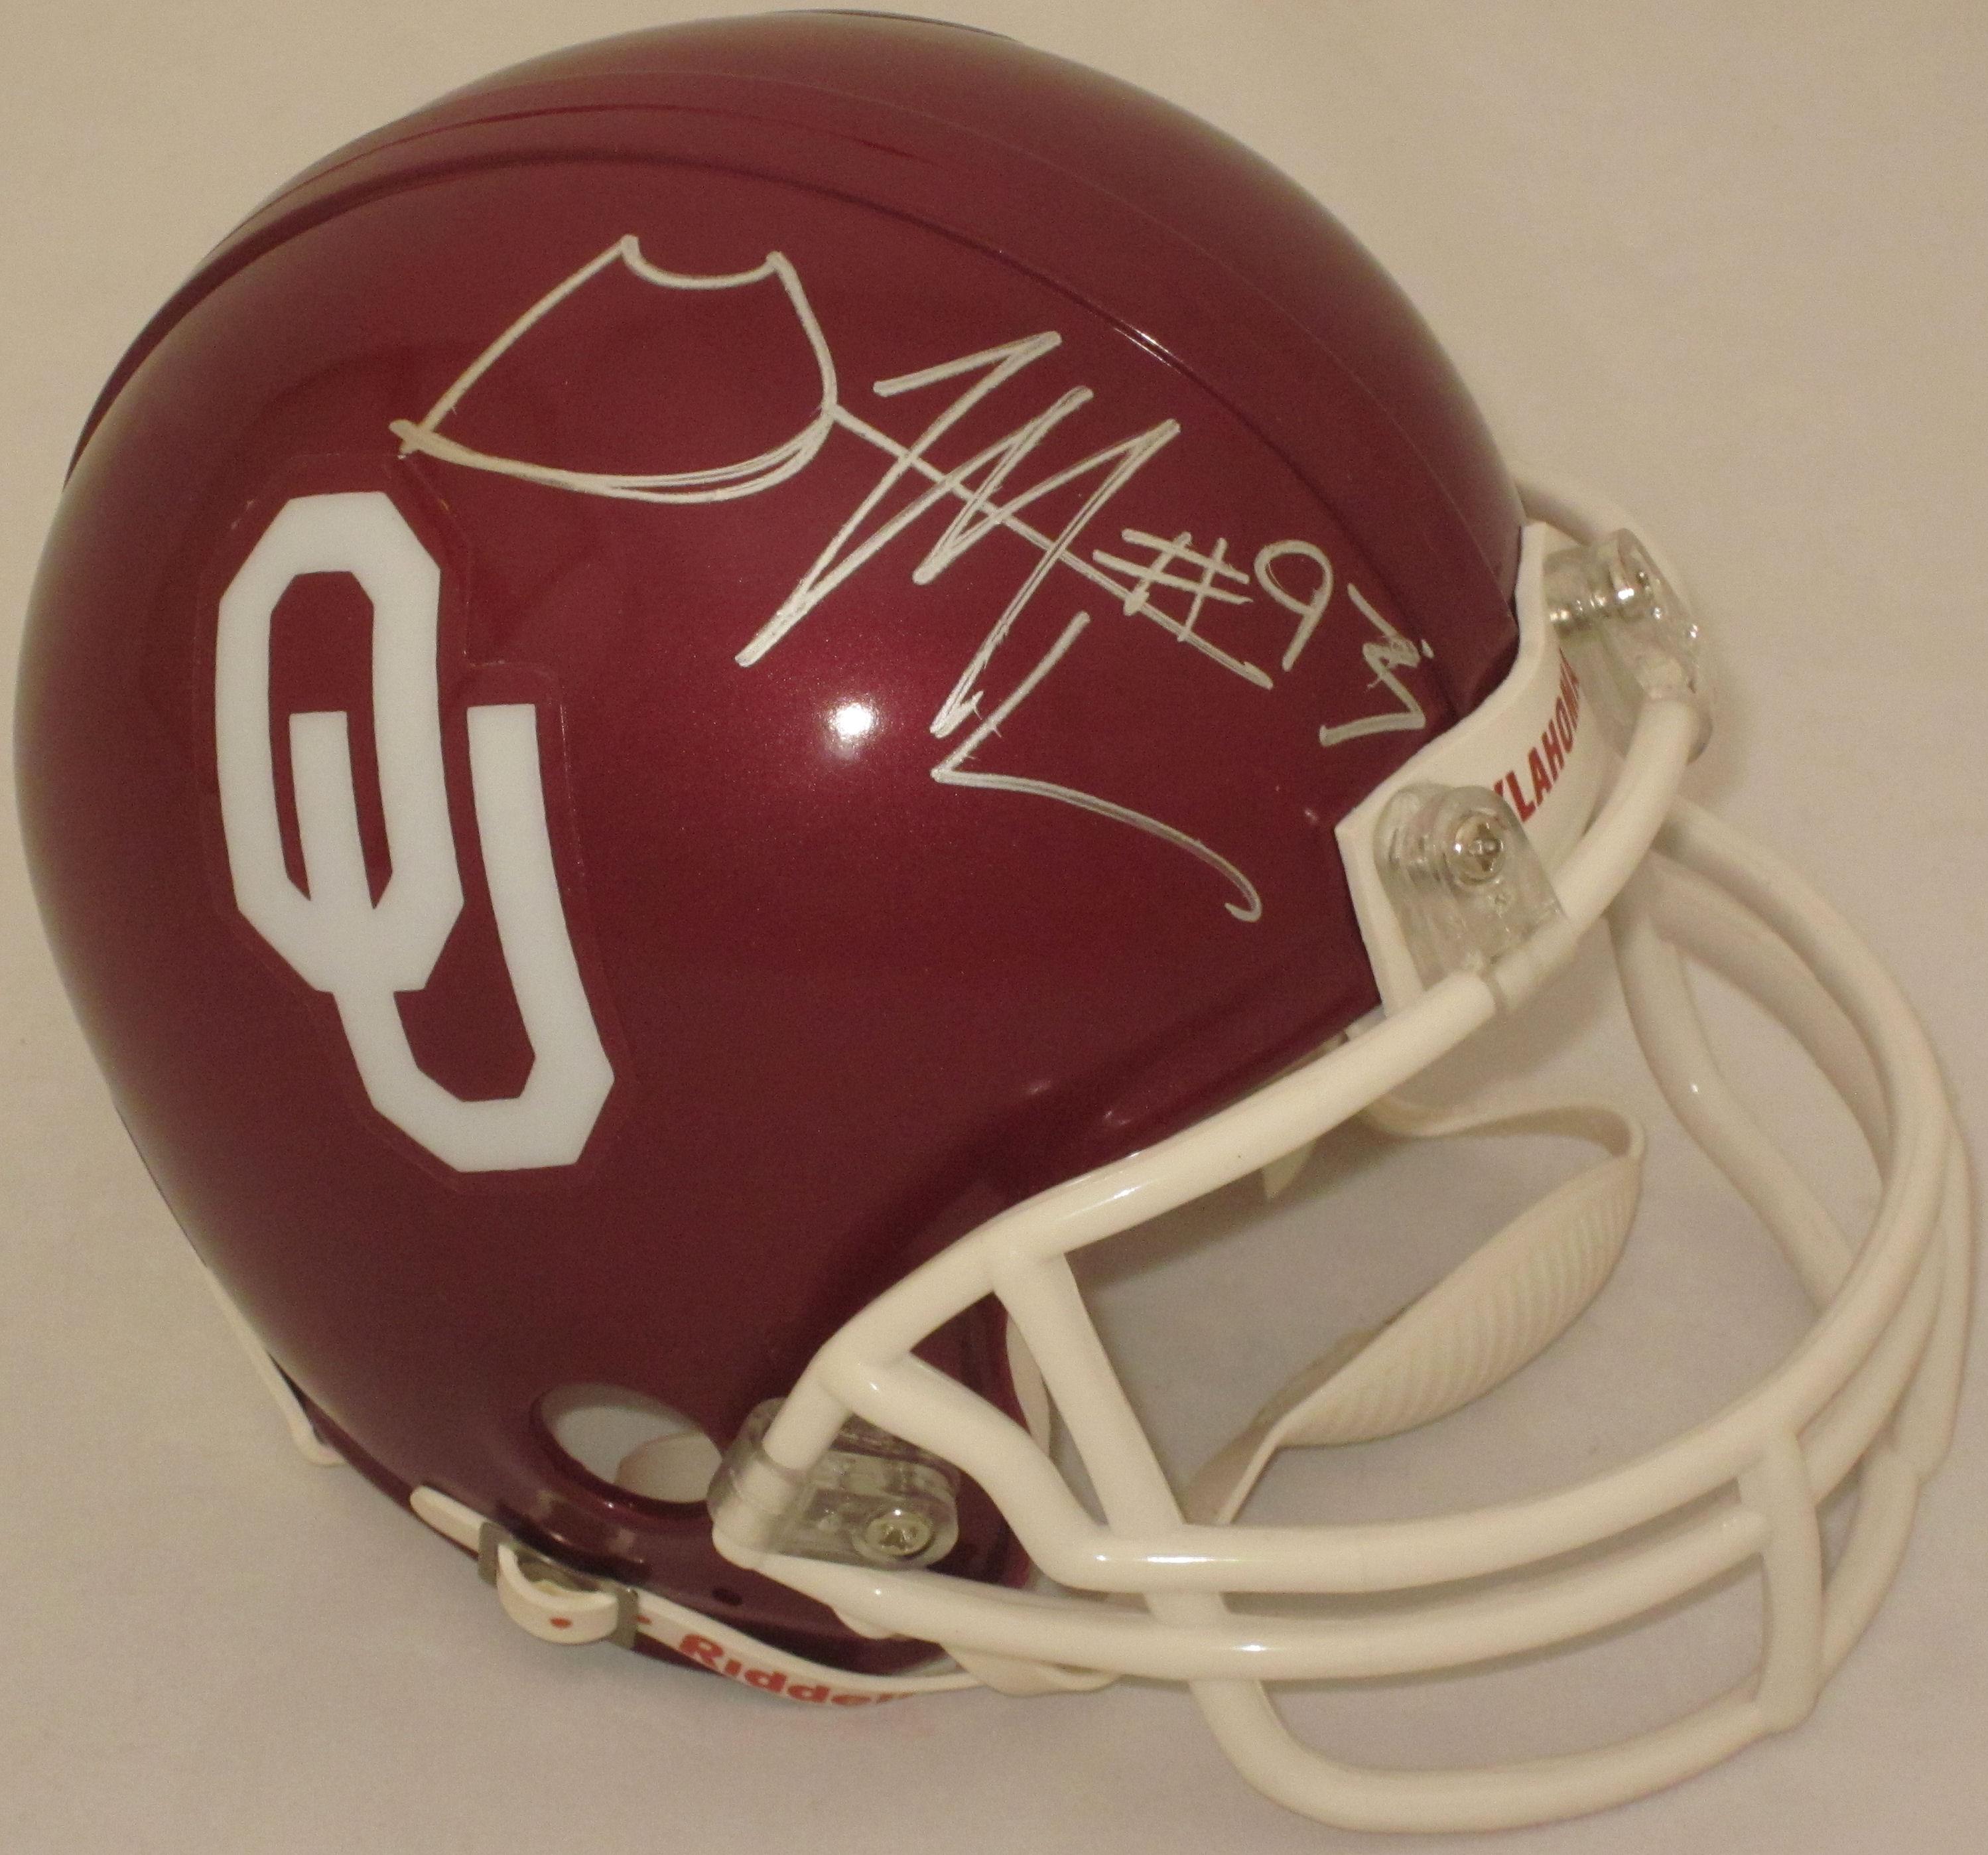 Gerald Mccoy Oklahoma Sooners Autographed Mini Helmet